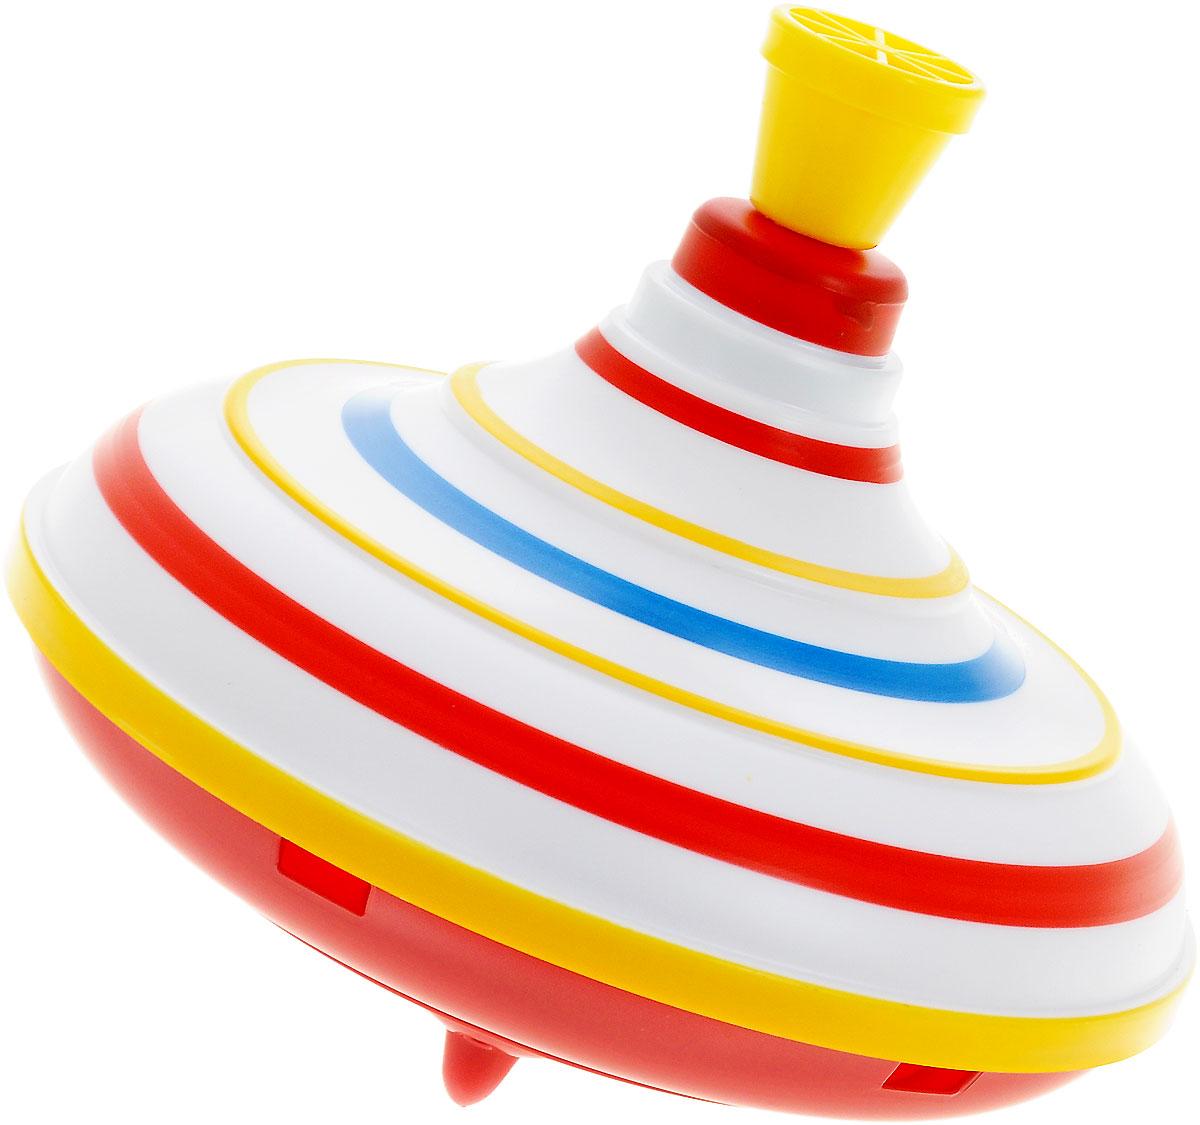 Stellar Юла цвет желтый красный1317_красный, желтыйЮла Stellar станет для вашего малыша любимой игрушкой. Юла выполнена из безопасного пластика в яркой цветовой гамме и оформлена цветными полосками. Раскручивается юла посредством нажатия на ручку. Юла - динамическая игрушка для самых маленьких, которая стимулирует познавательную активность, развивает наглядно-действенное мышление, координацию движений и мелкую моторику рук. Порадуйте своего непоседу таким великолепным подарком!